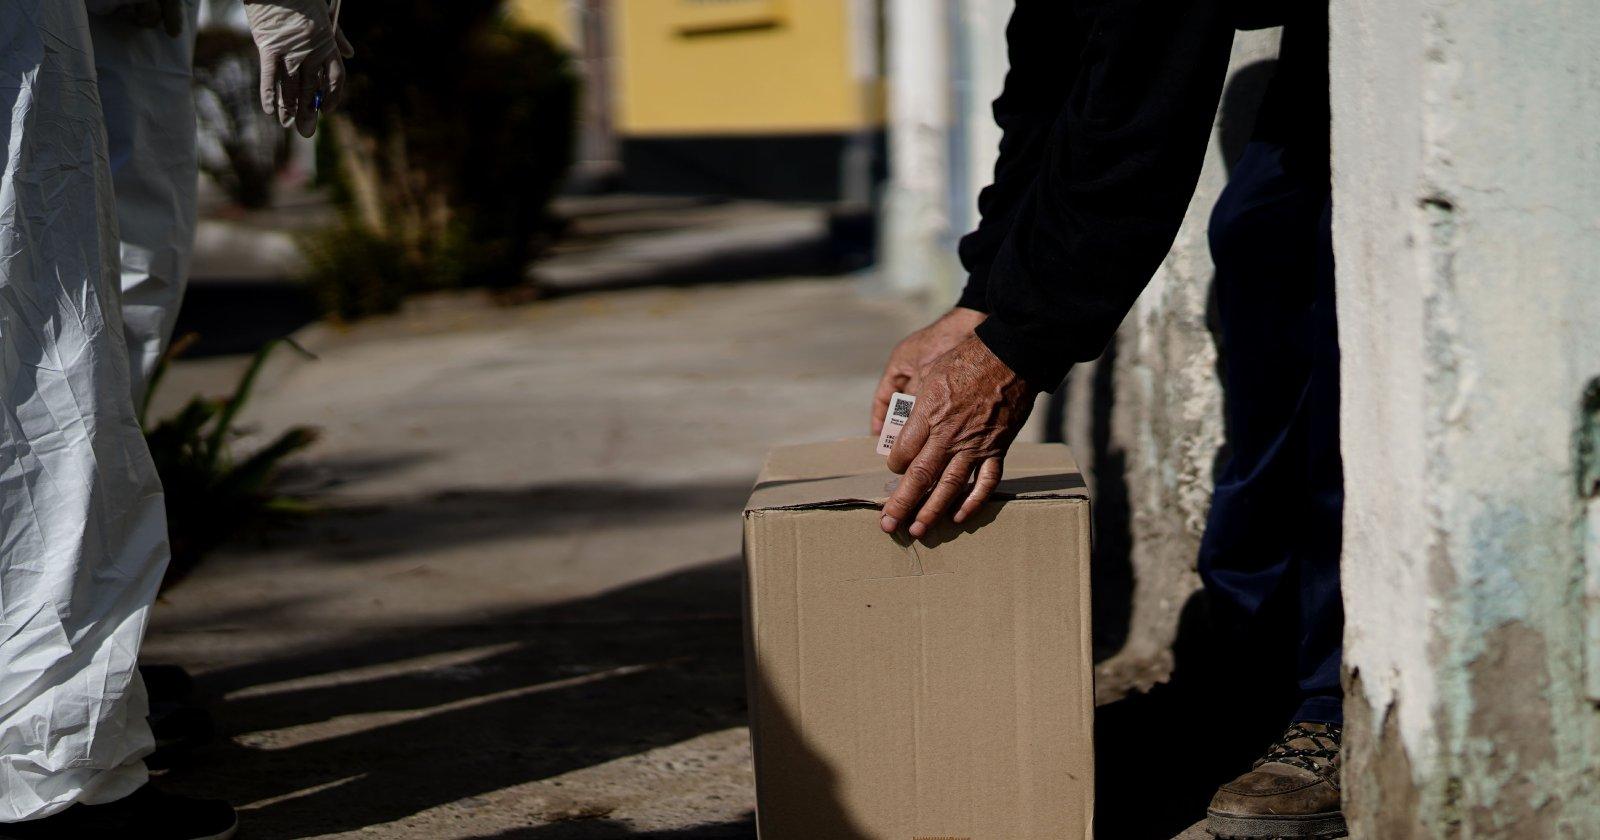 Intendente Guevara y alcalde Jadue distribuyen cajas de alimentos en Recoleta